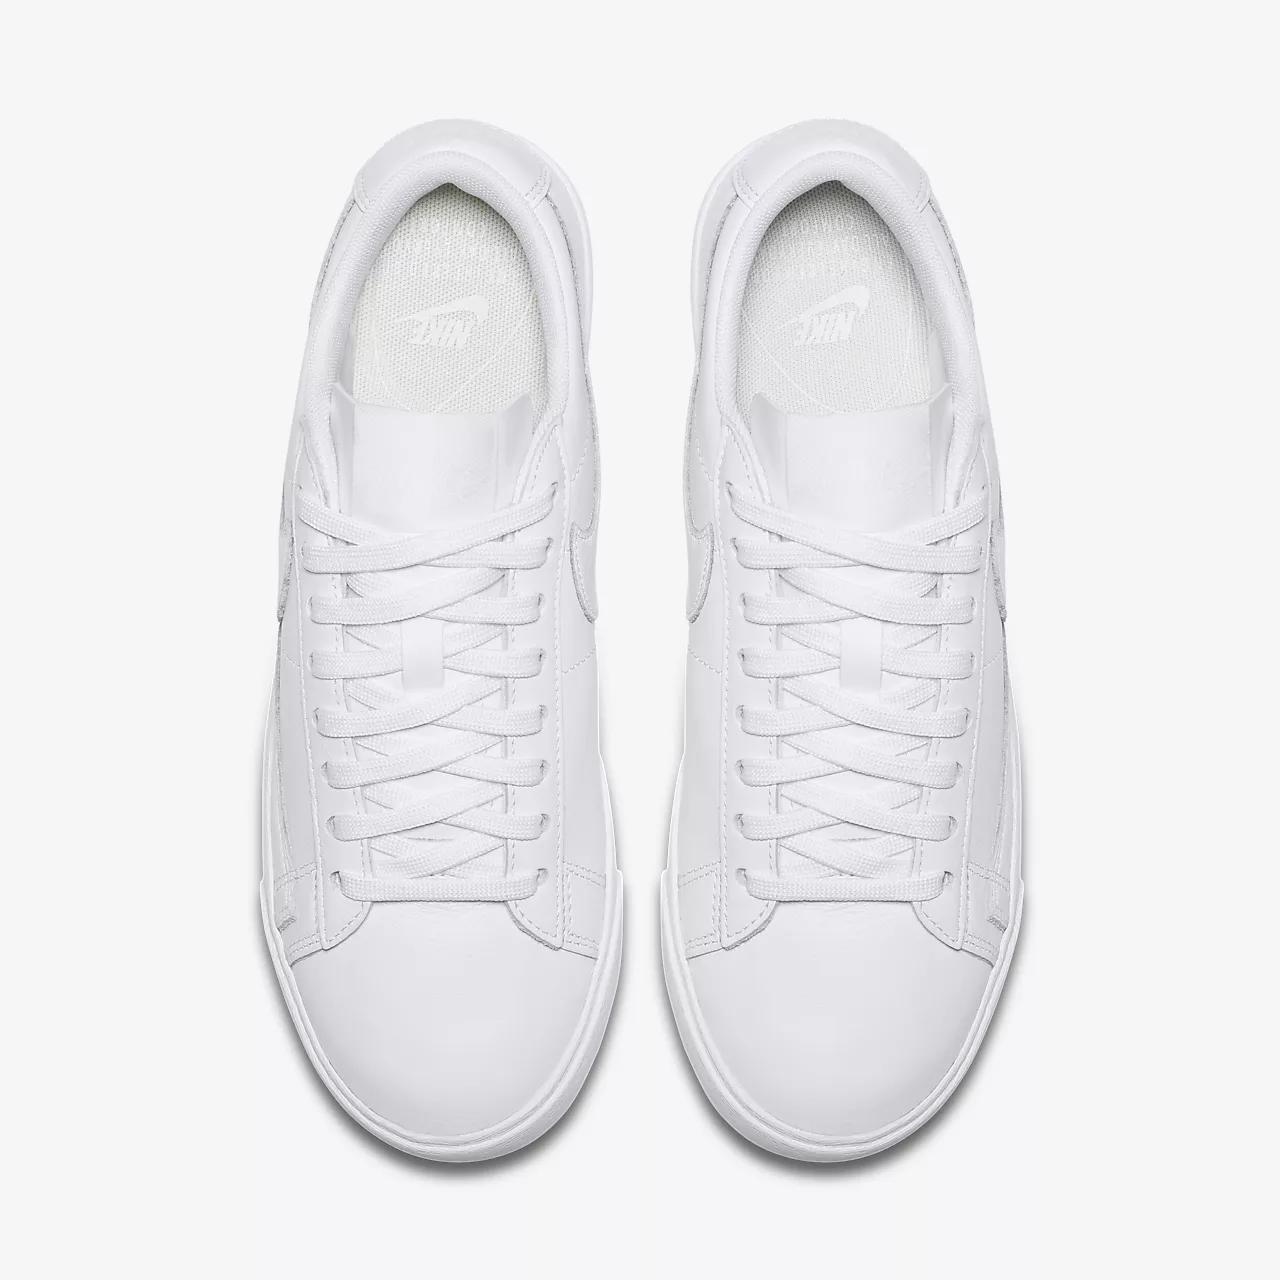 나이키 블레이저 로우 LE 여성 신발 AV9370-111